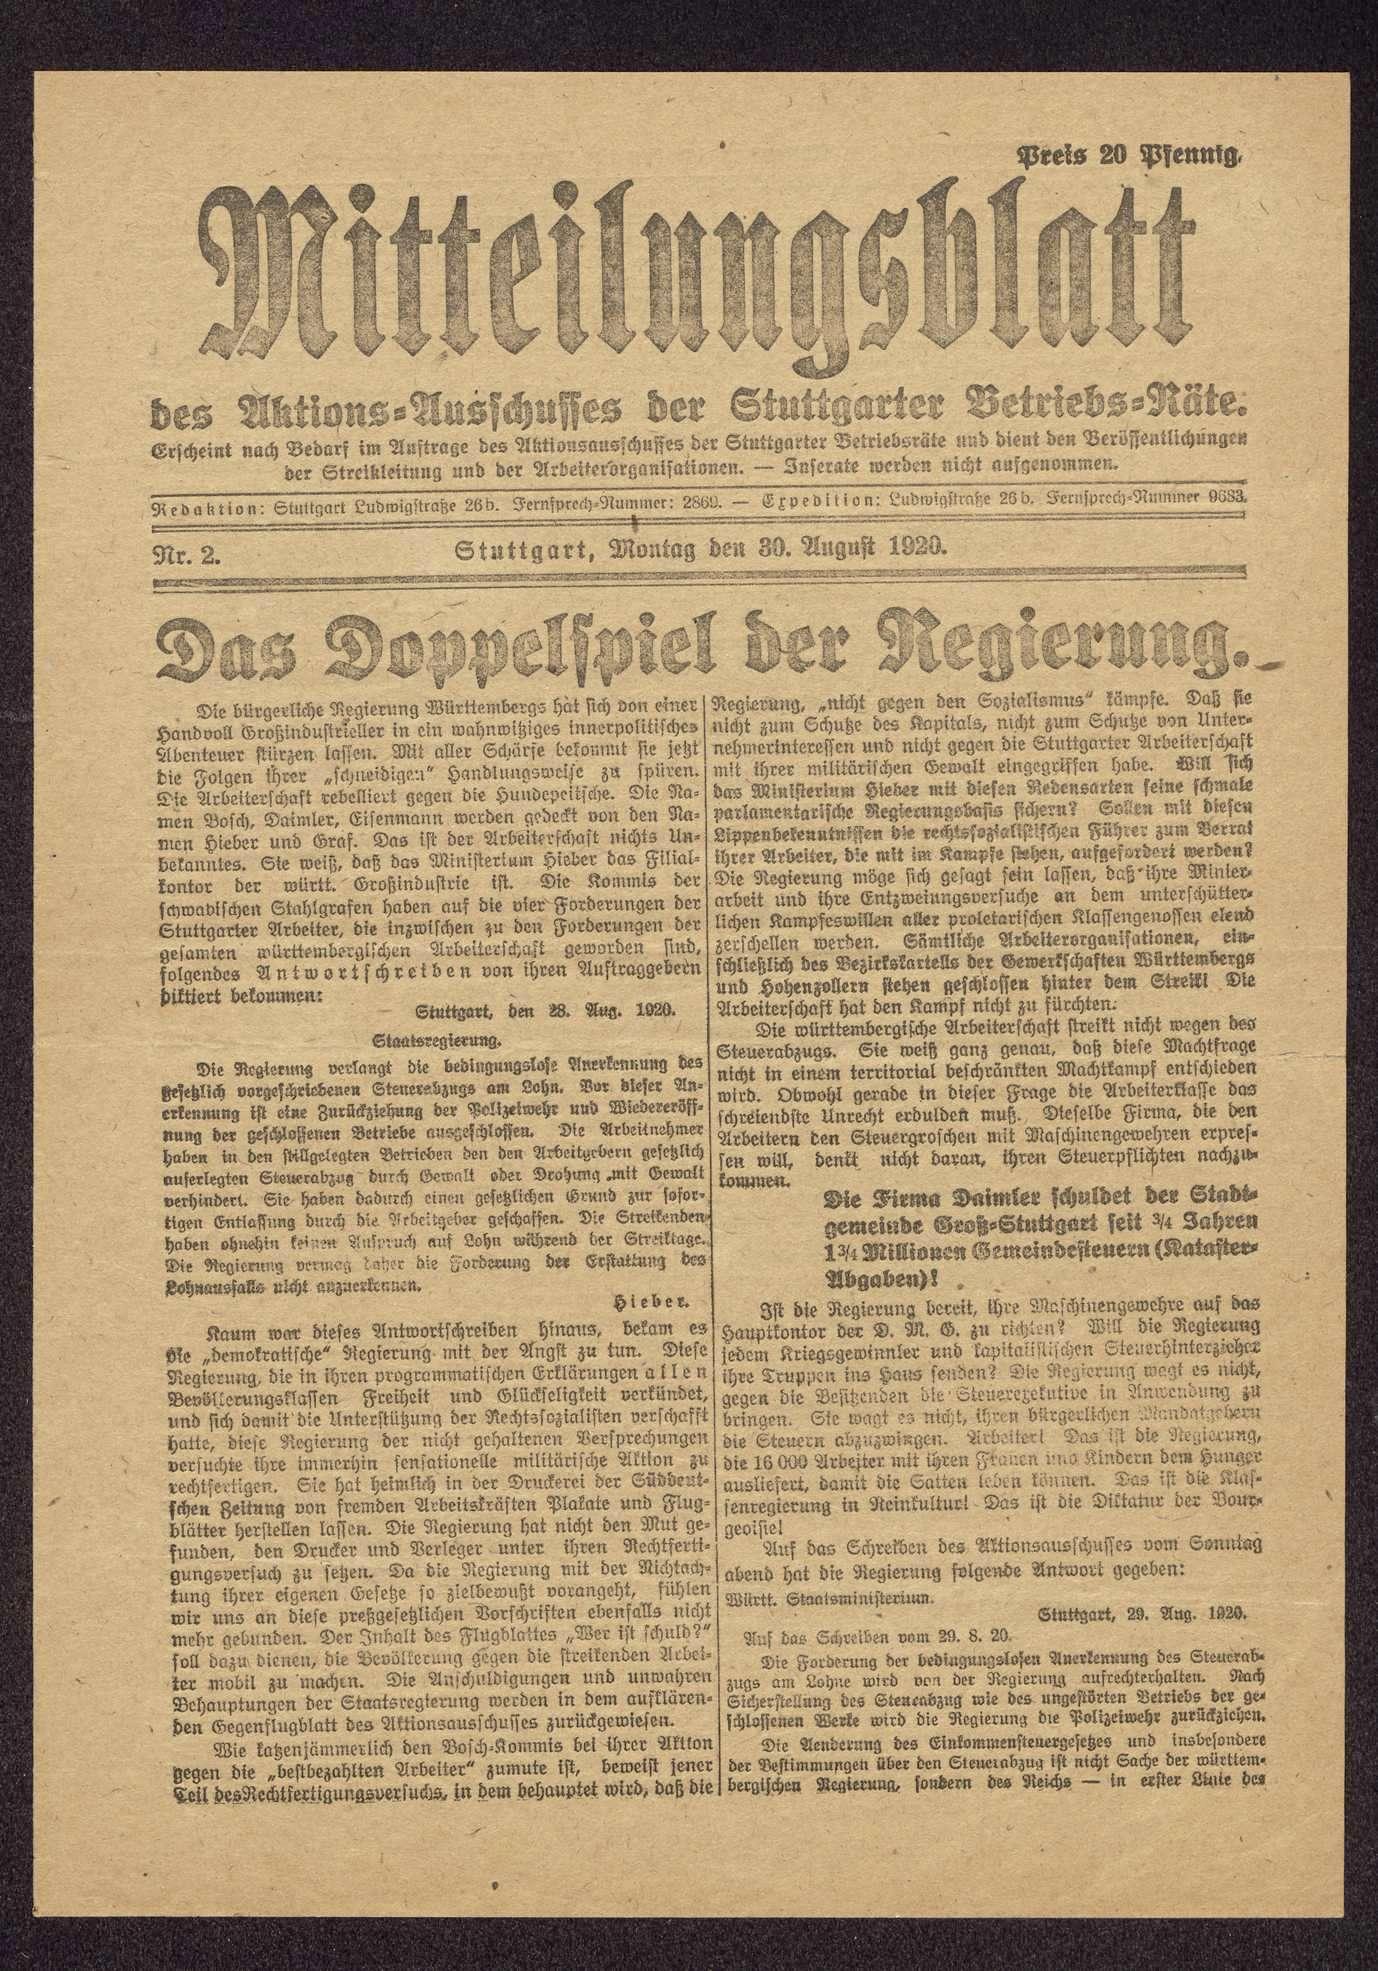 Tätigkeit im Vollzugsausschuss des Arbeiter- und Soldatenrates Groß-Stuttgart, Bild 3